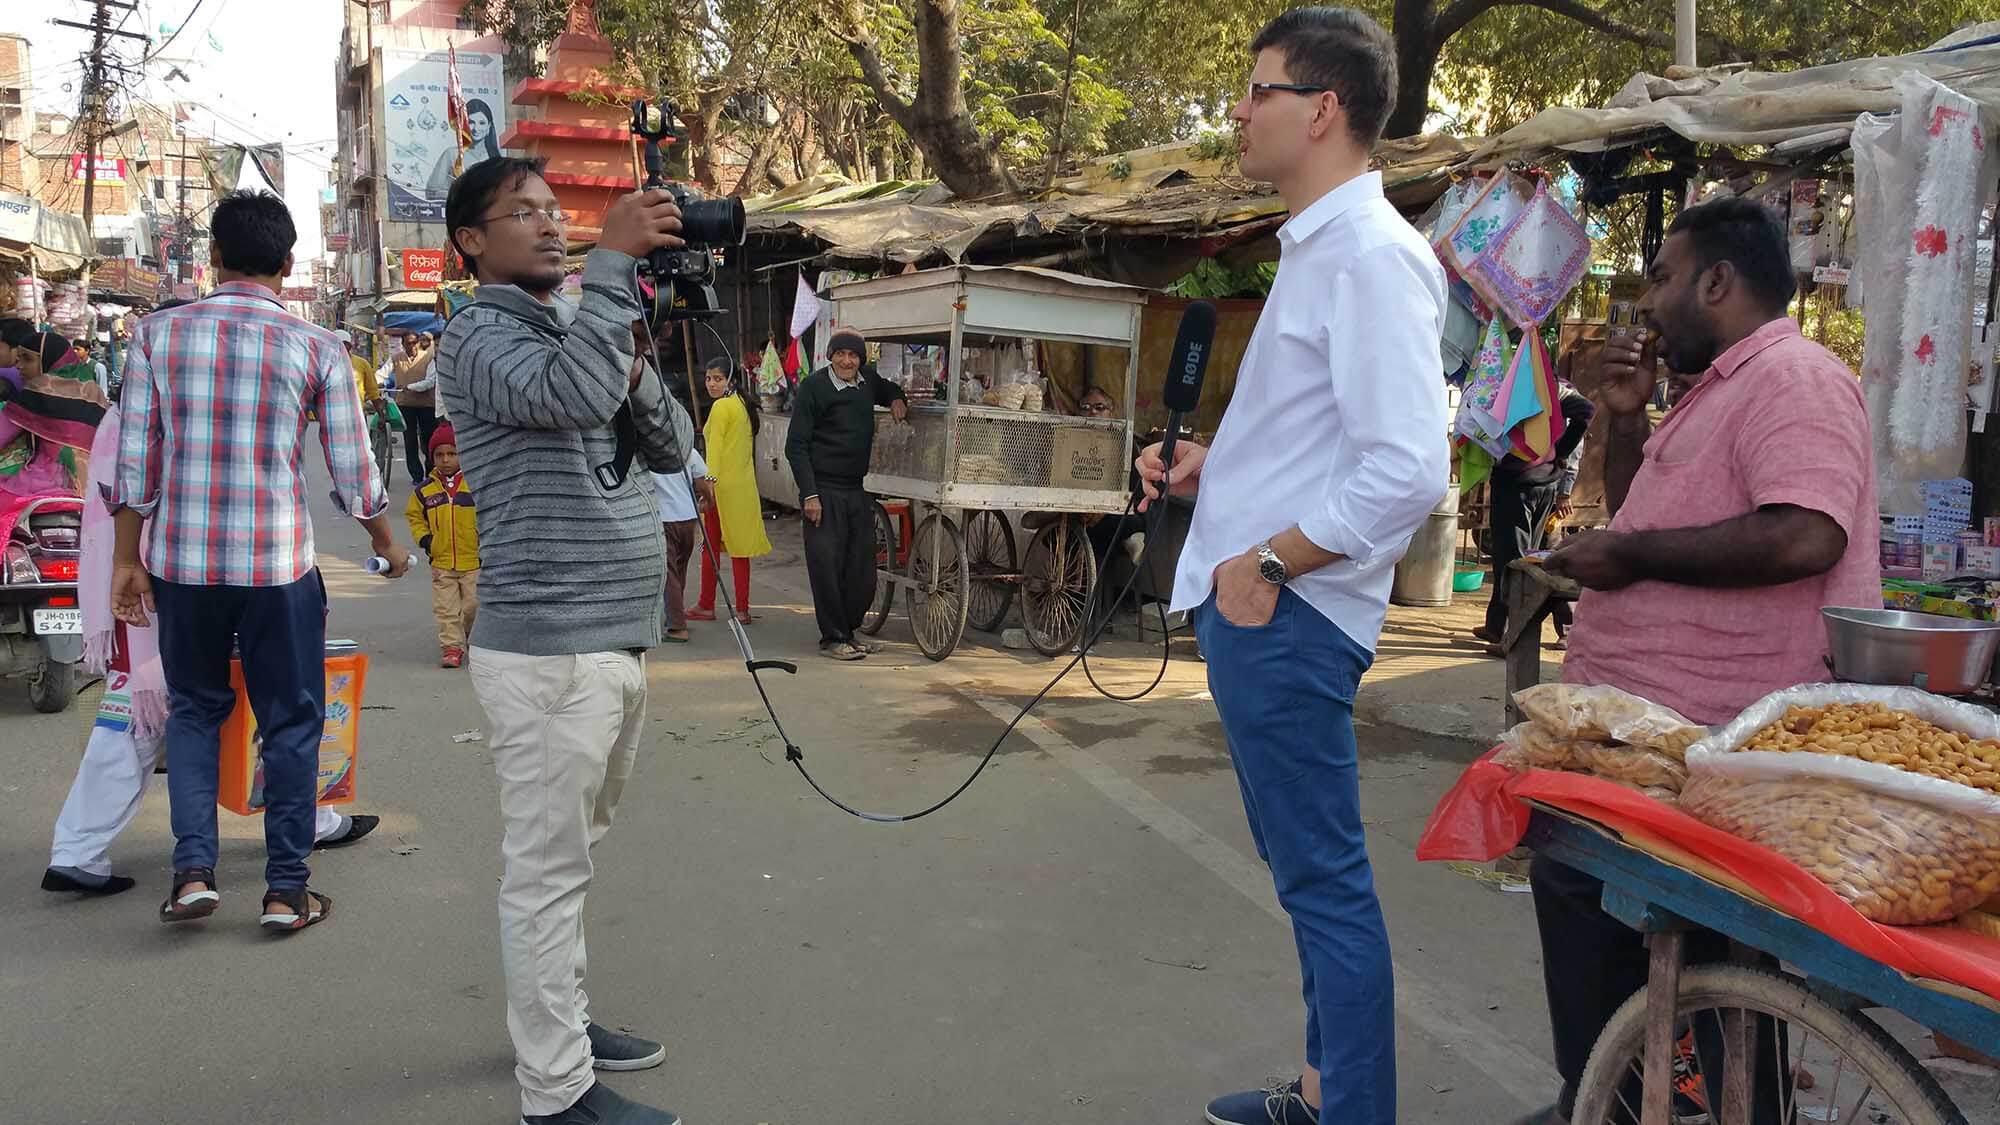 Enregistrement d'un épisode dans les rues de Ranchi, Inde